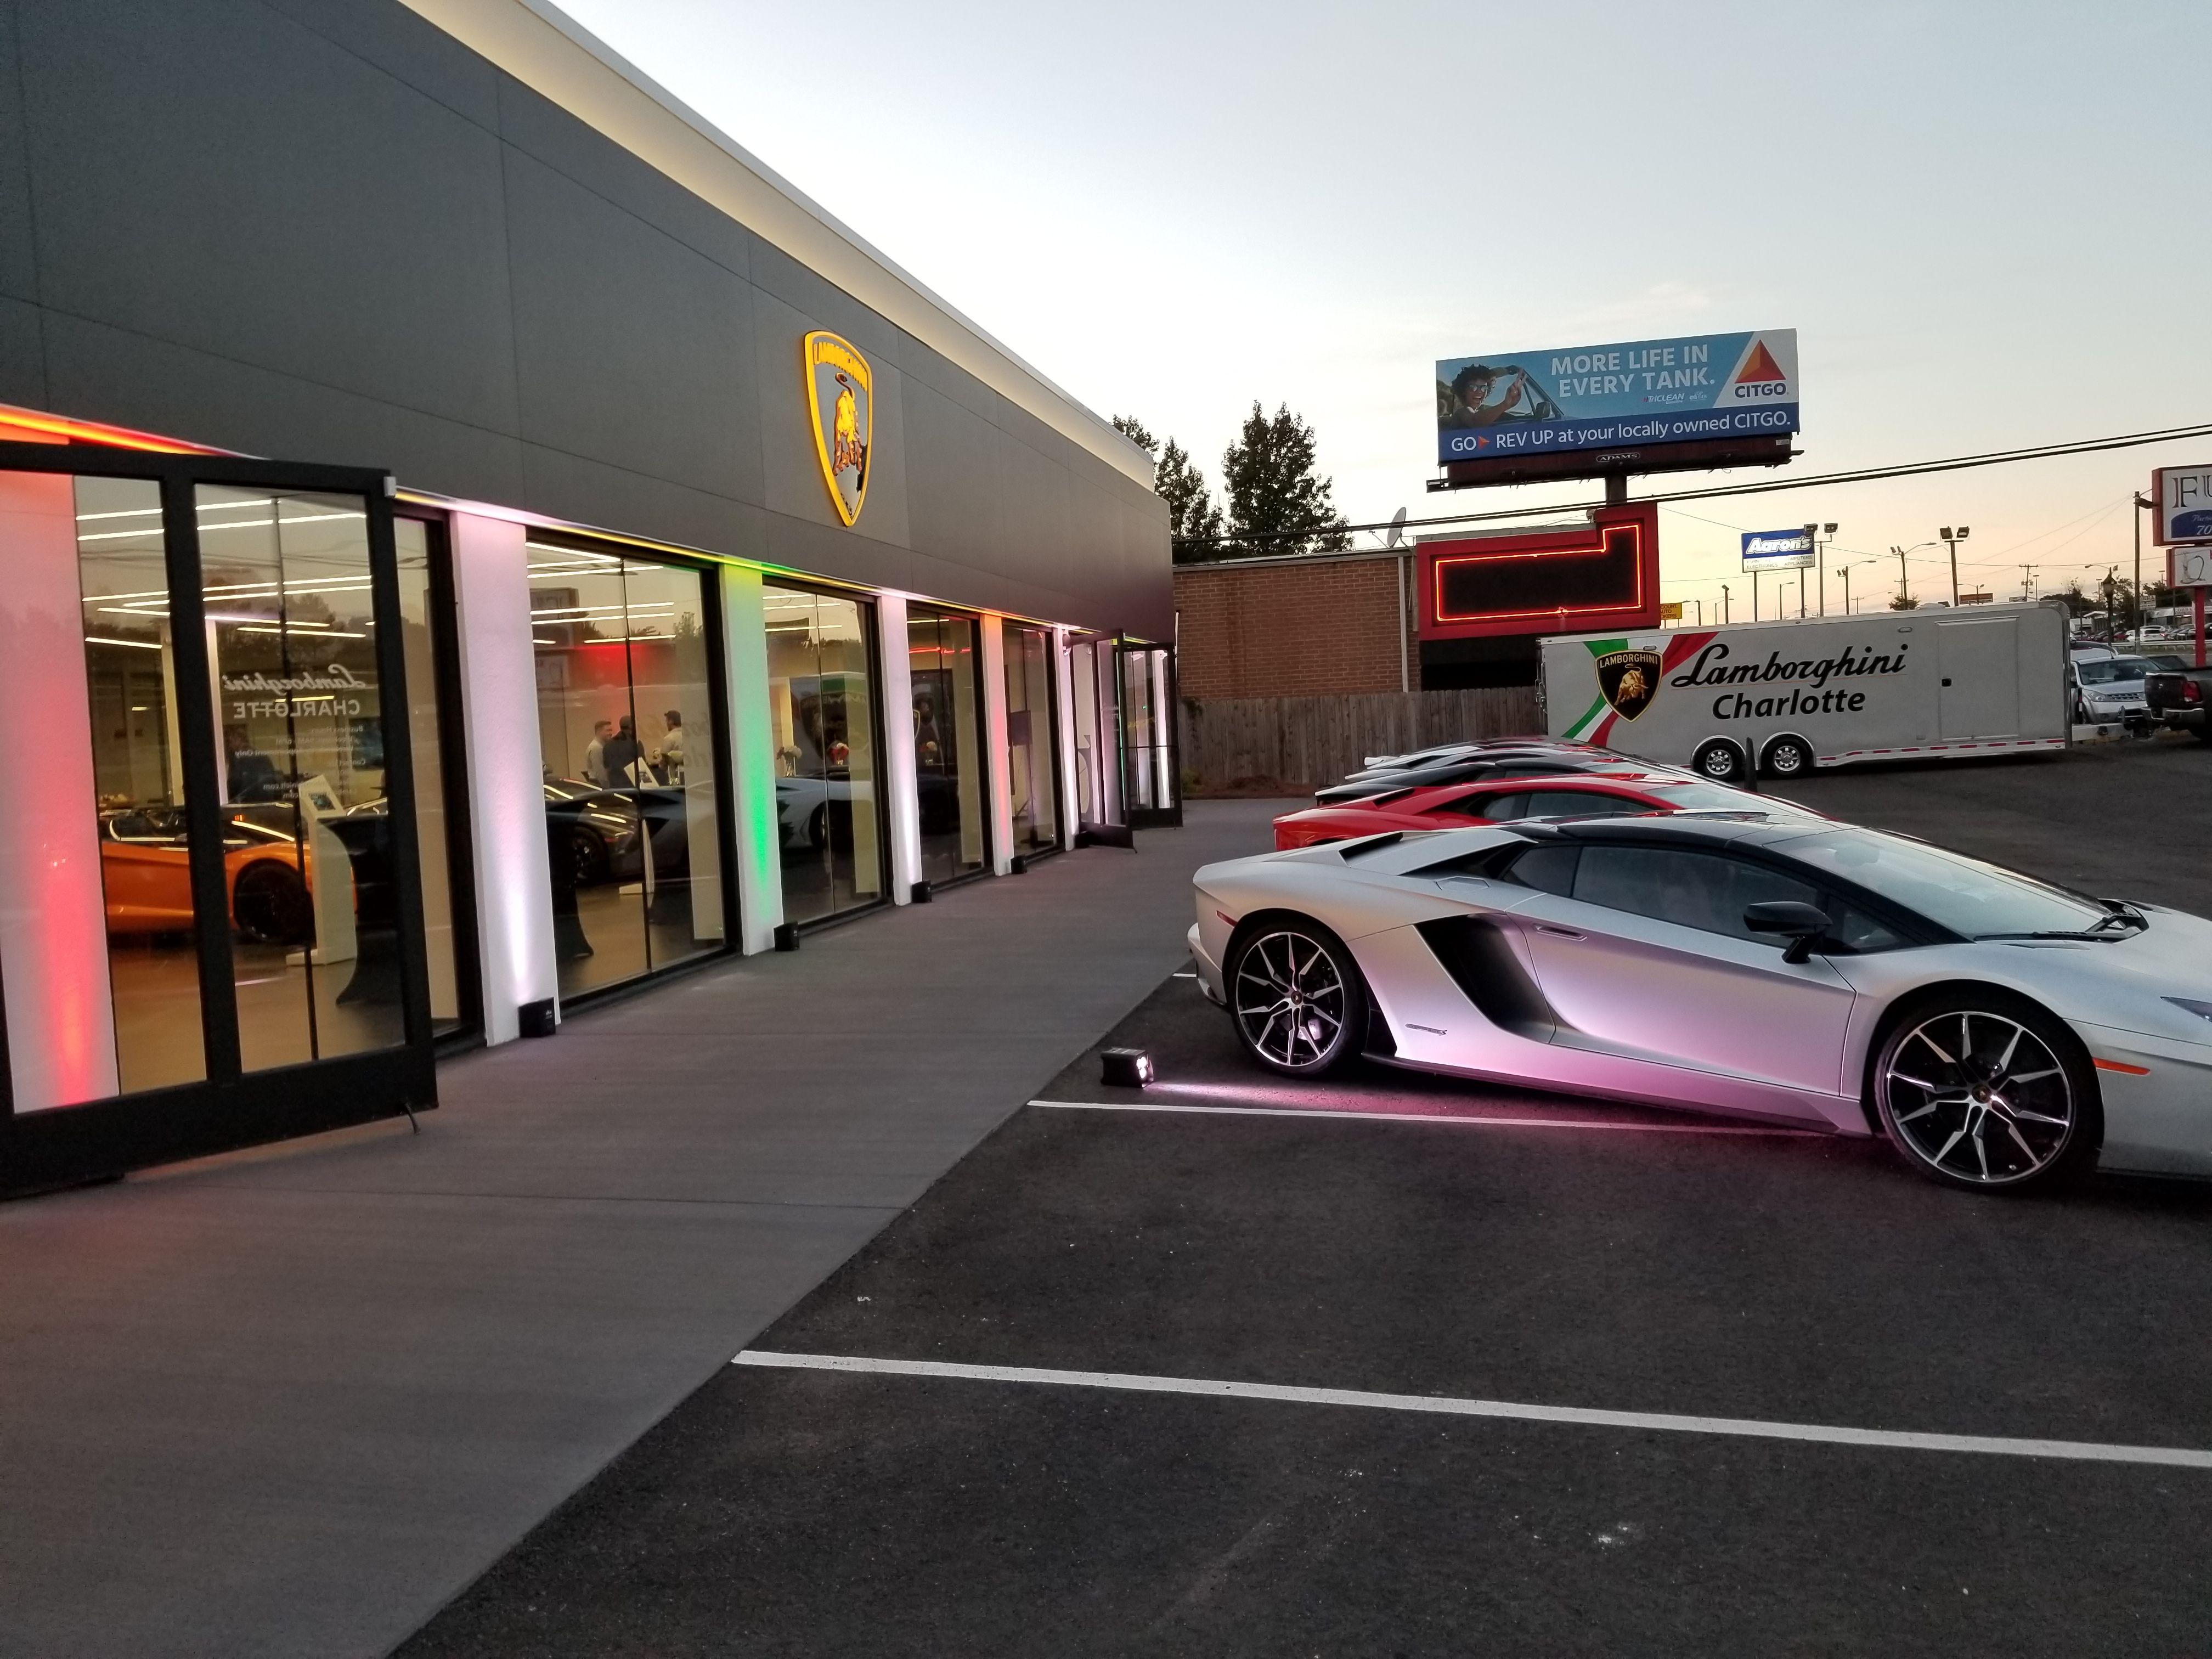 Pin On Lamborghini Charlotte